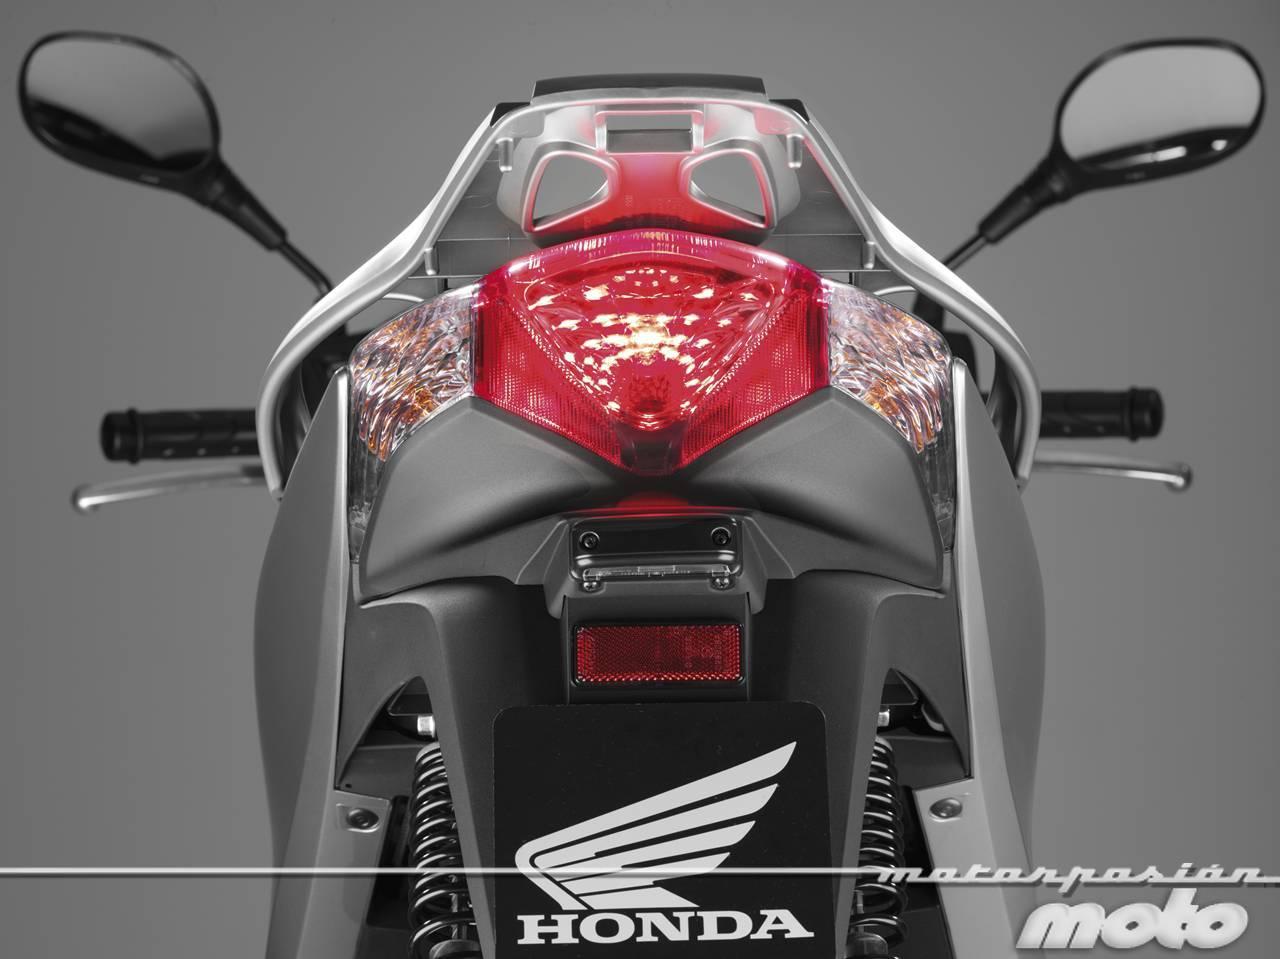 Foto de Honda Scoopy SH125i 2013, prueba (valoración, galería y ficha técnica)  - Fotos Detalles (79/81)